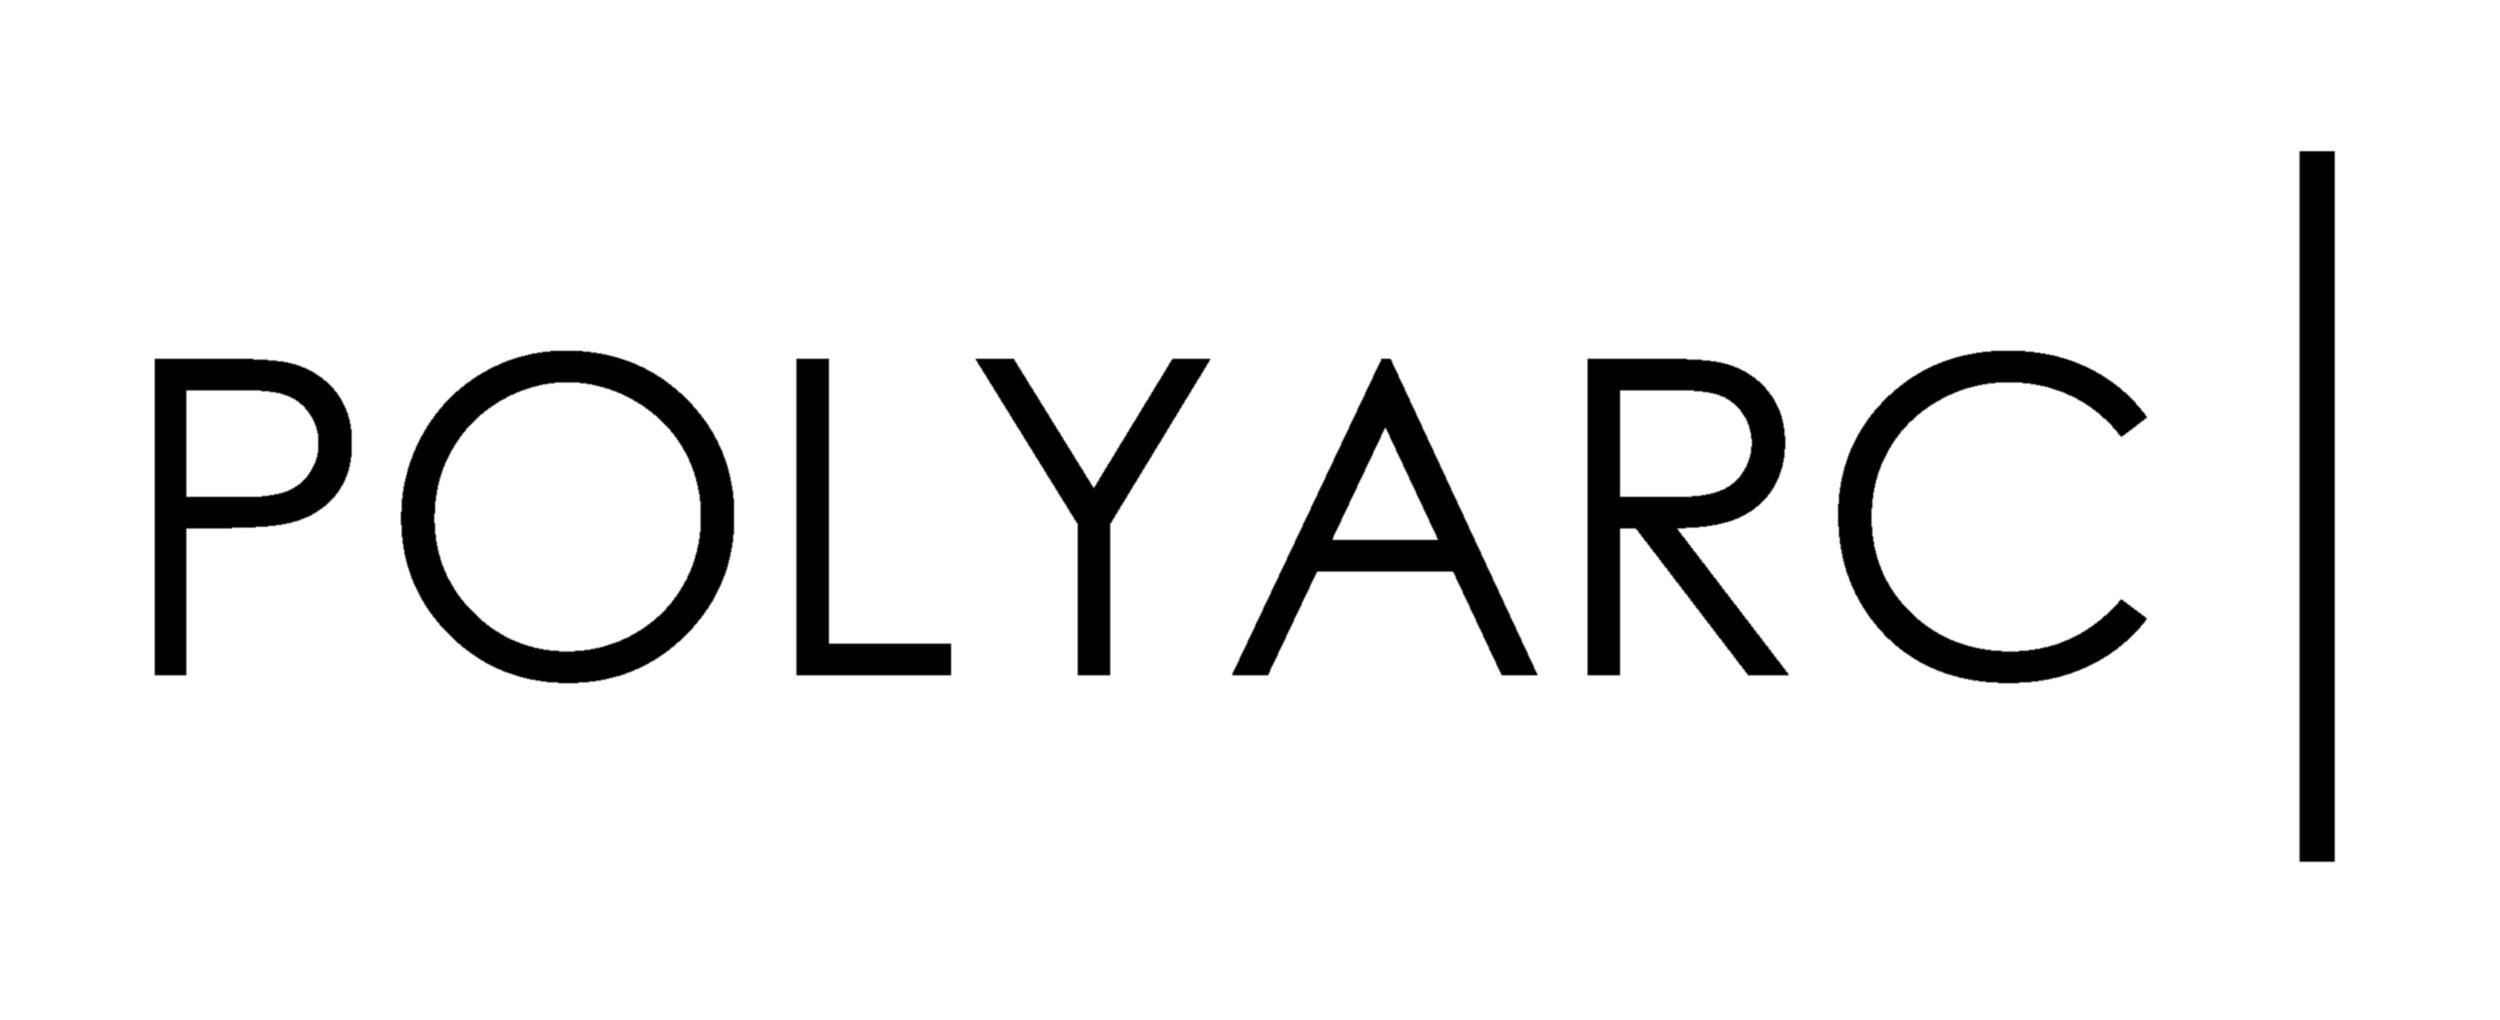 Polyarc_Black.png